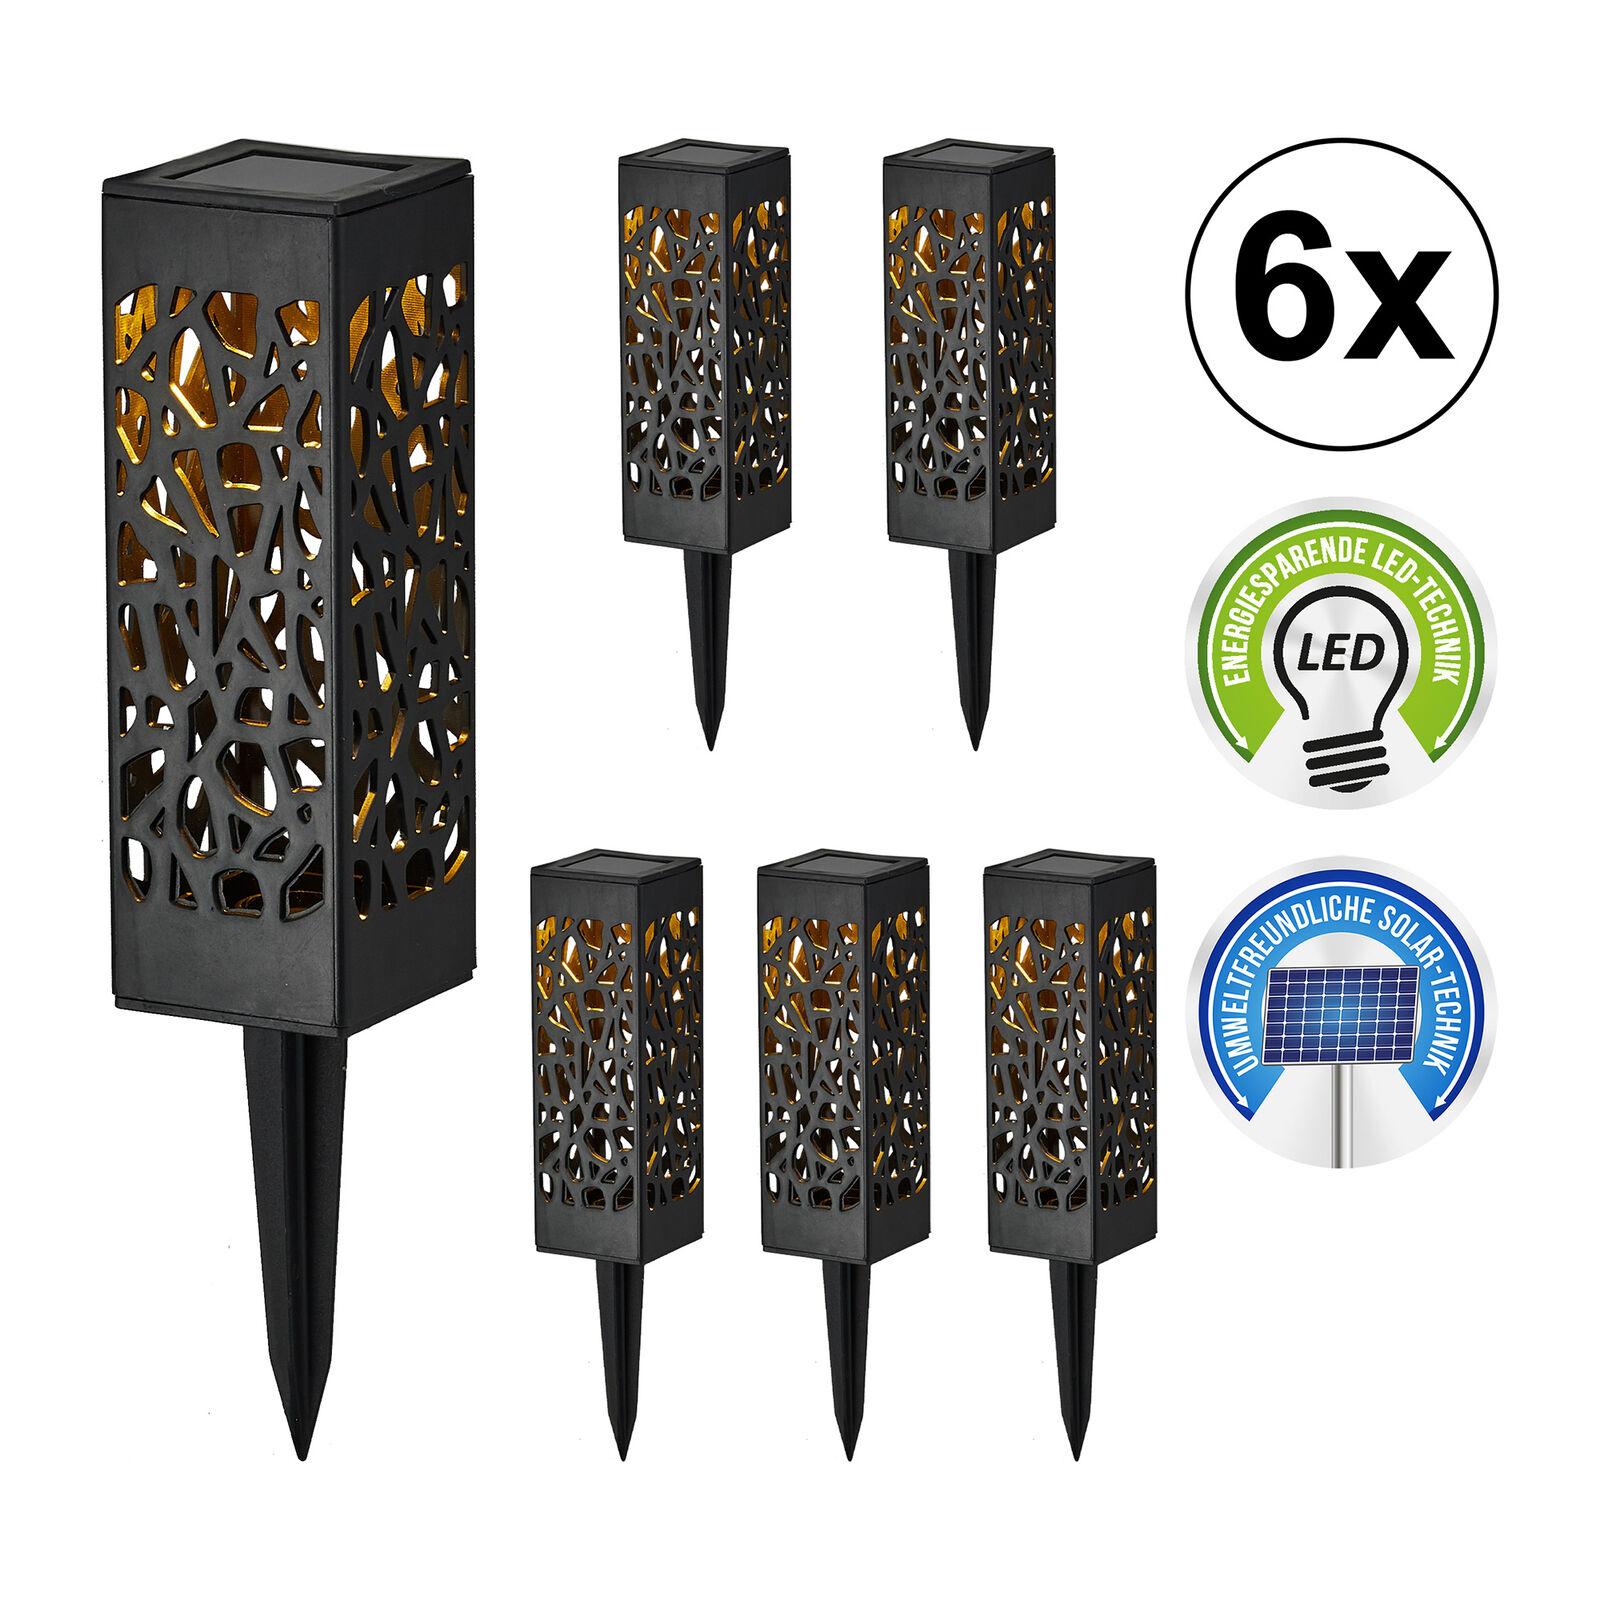 Wegbeleuchtung LED Solar IP44 Bodenstecker schwarz Solarlampe Bodenleuchte H18cm